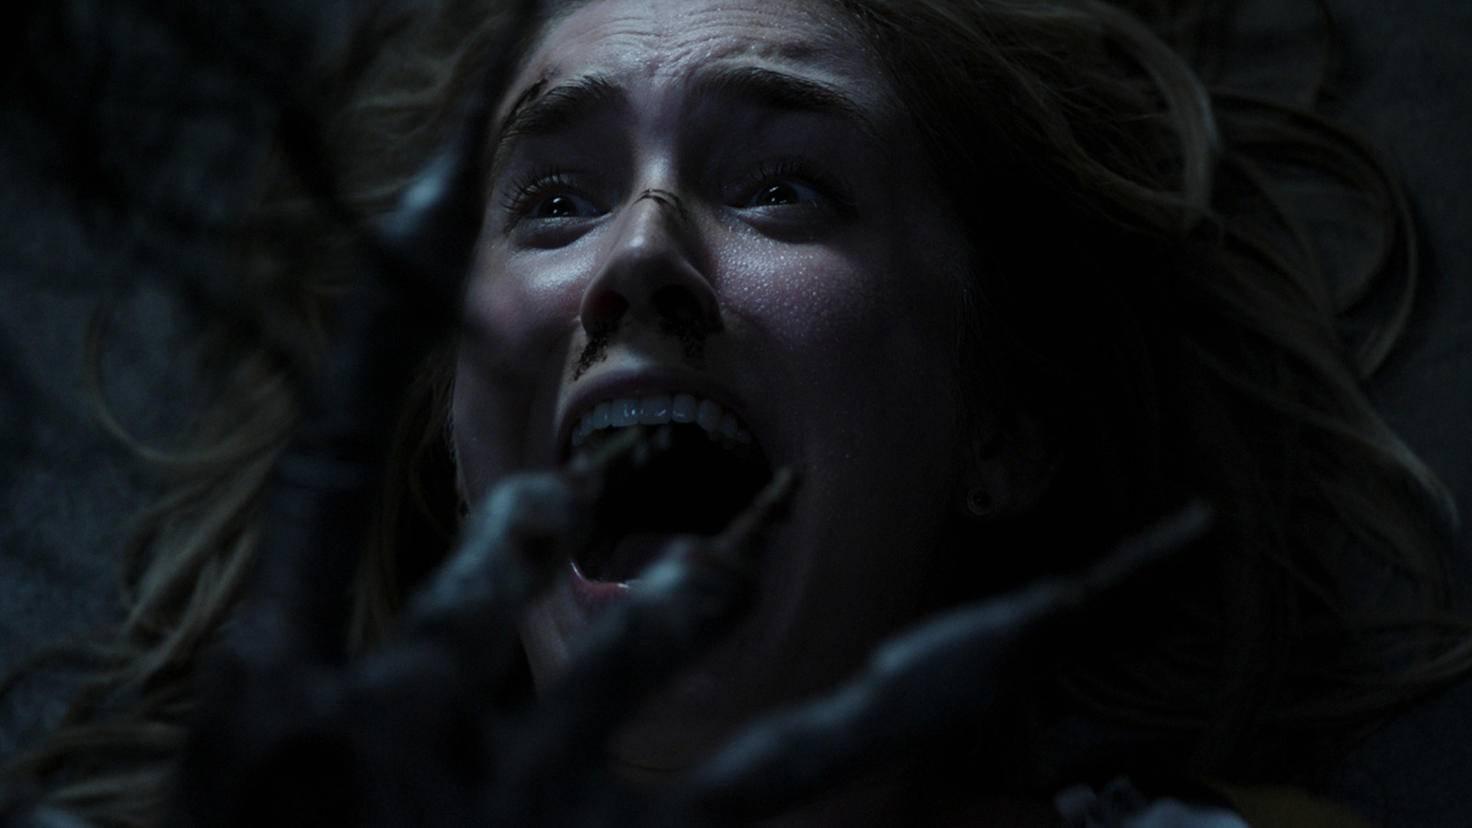 Passend zum Titel besitzt das dämonische Wesen in Teil vier der Filmreihe gruselige Schlüssel als Finger.